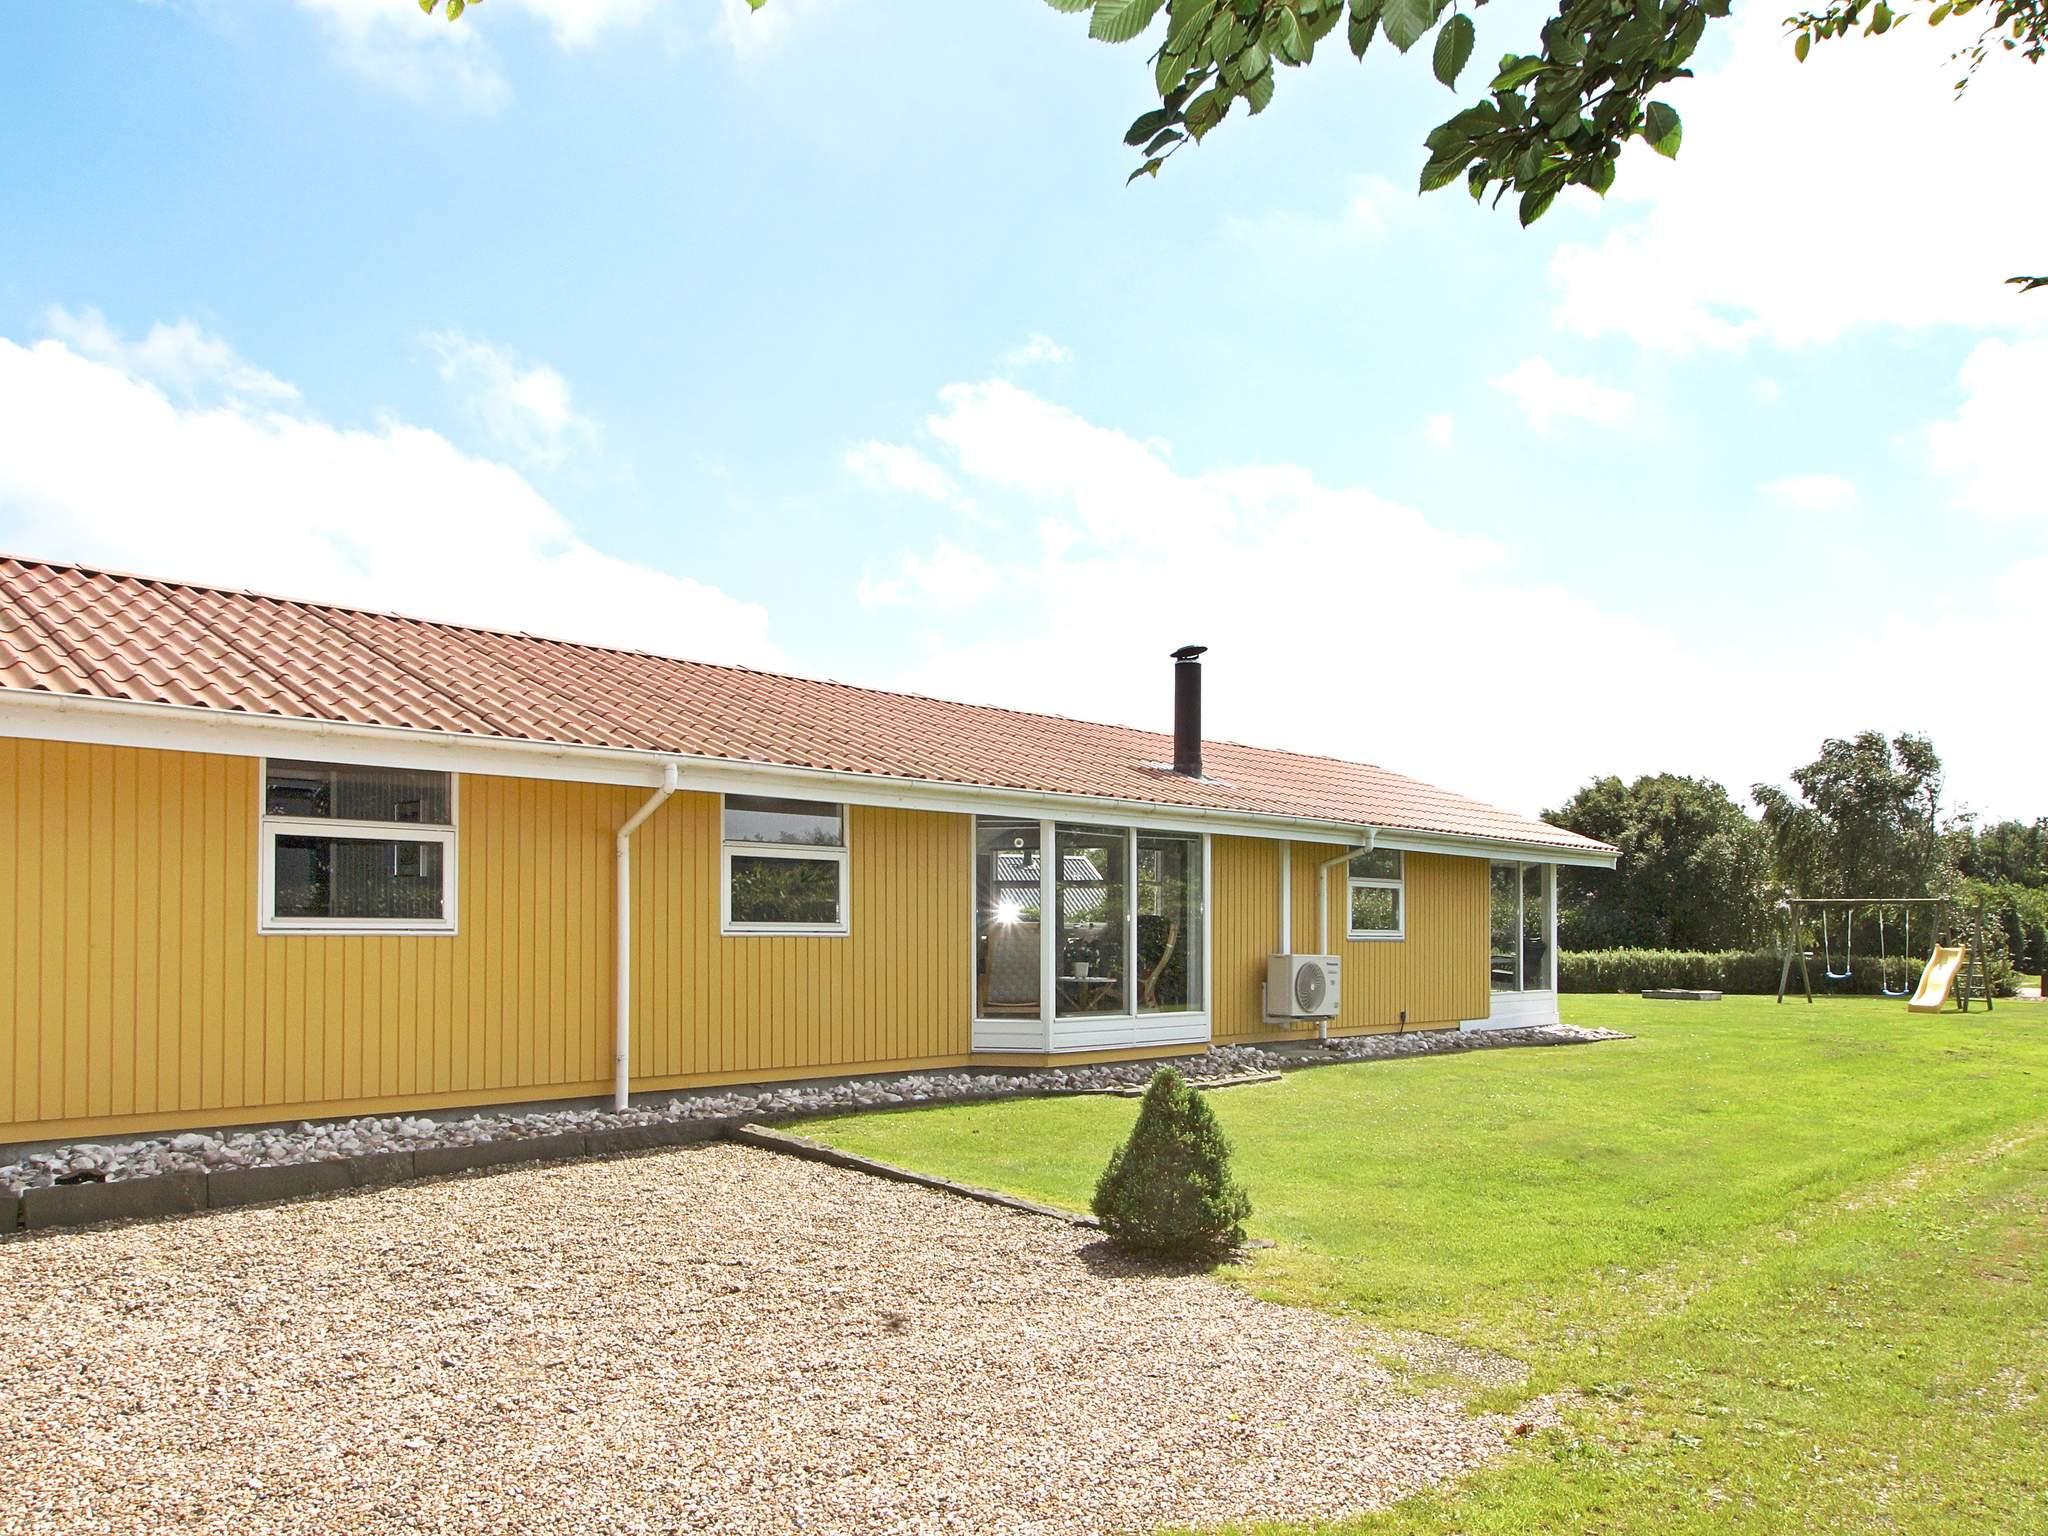 Ferienhaus Bork Havn (241763), Bork Havn, , Westjütland, Dänemark, Bild 7